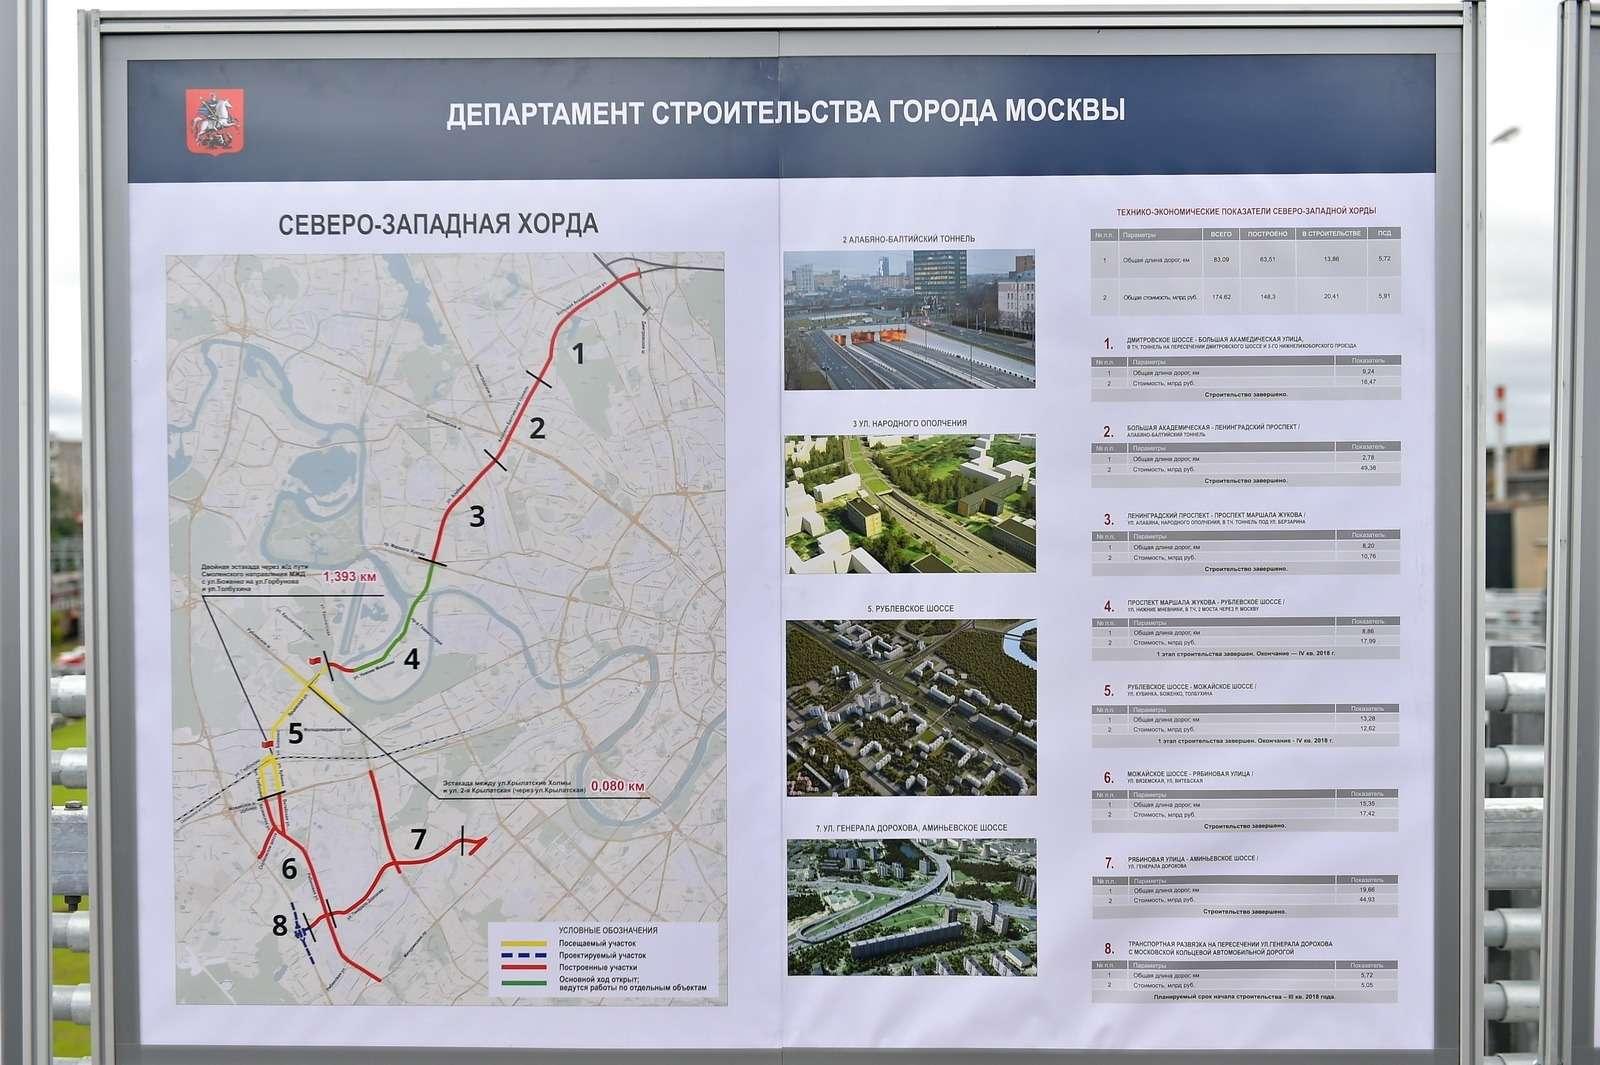 В Москве открылось движение подвум эстакадам Северо-Западной хорды— фото 885476